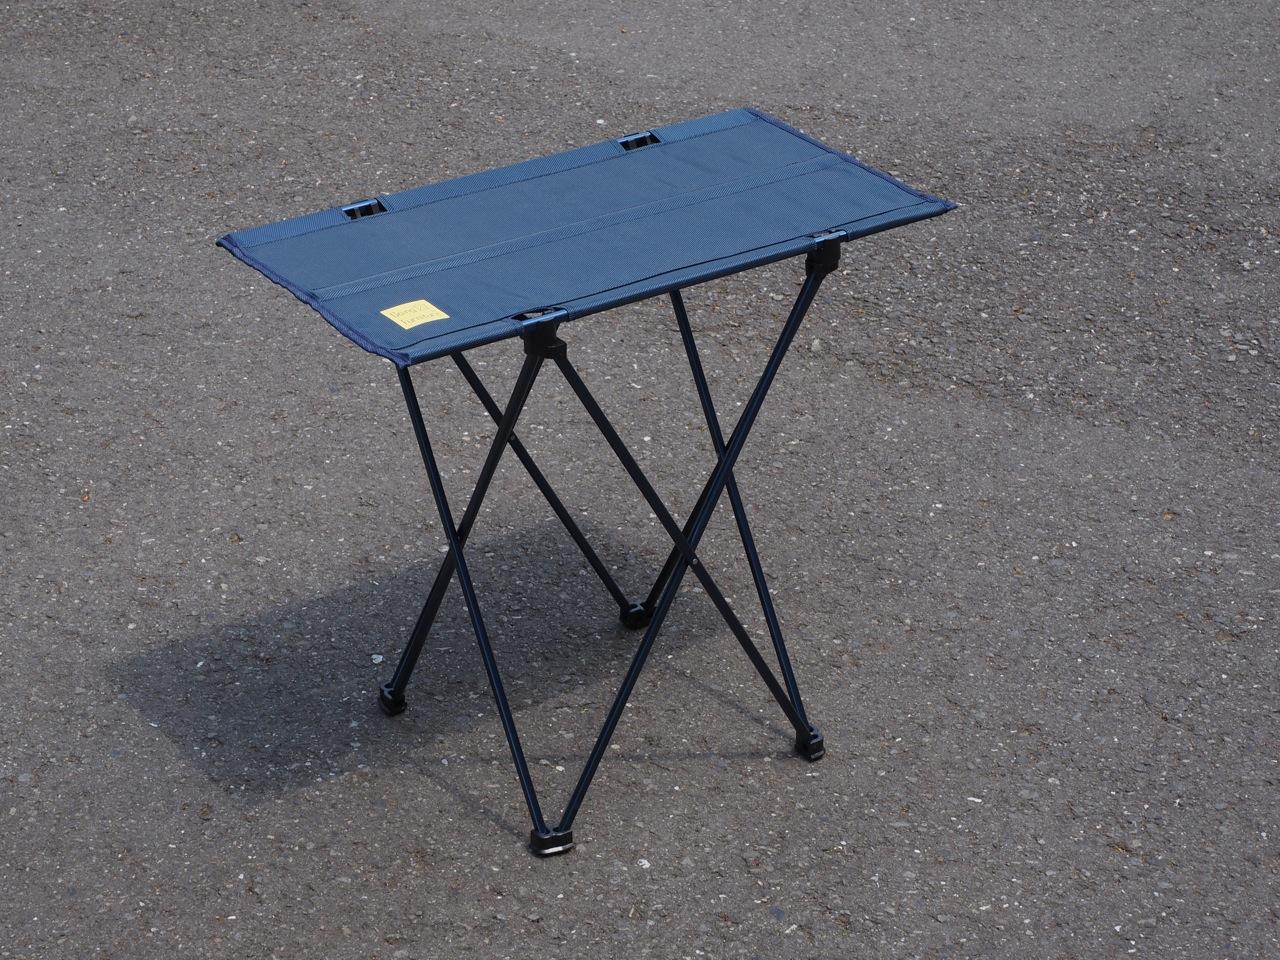 今まで見た中で一番軽い折り畳みテーブル